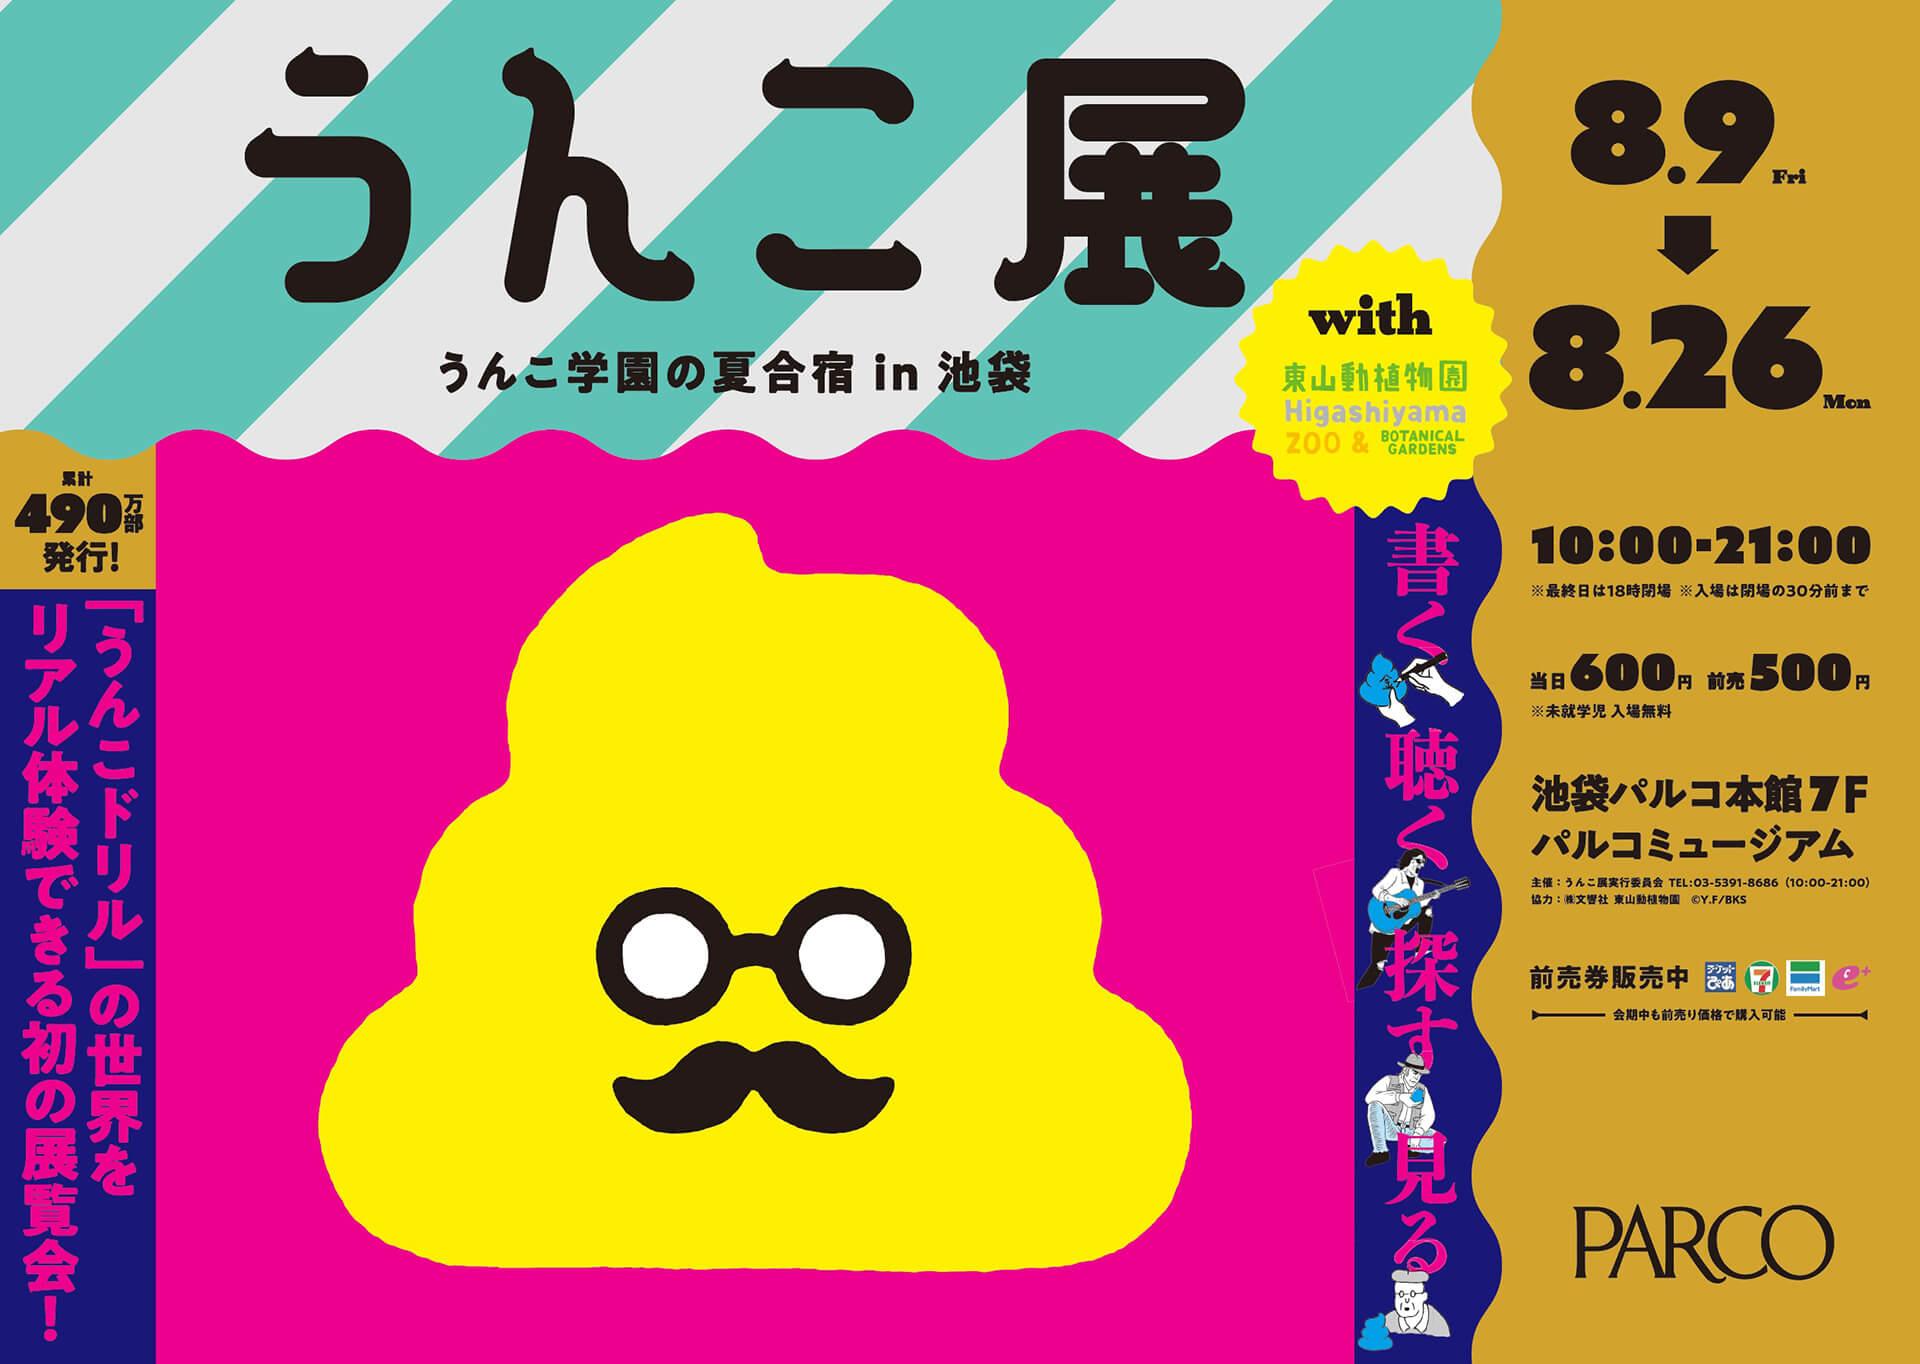 この写真は『うんこ展 うんこ学園の夏合宿 ㏌ 池袋』の告知ポスター。うんこのイラストが描いてあります